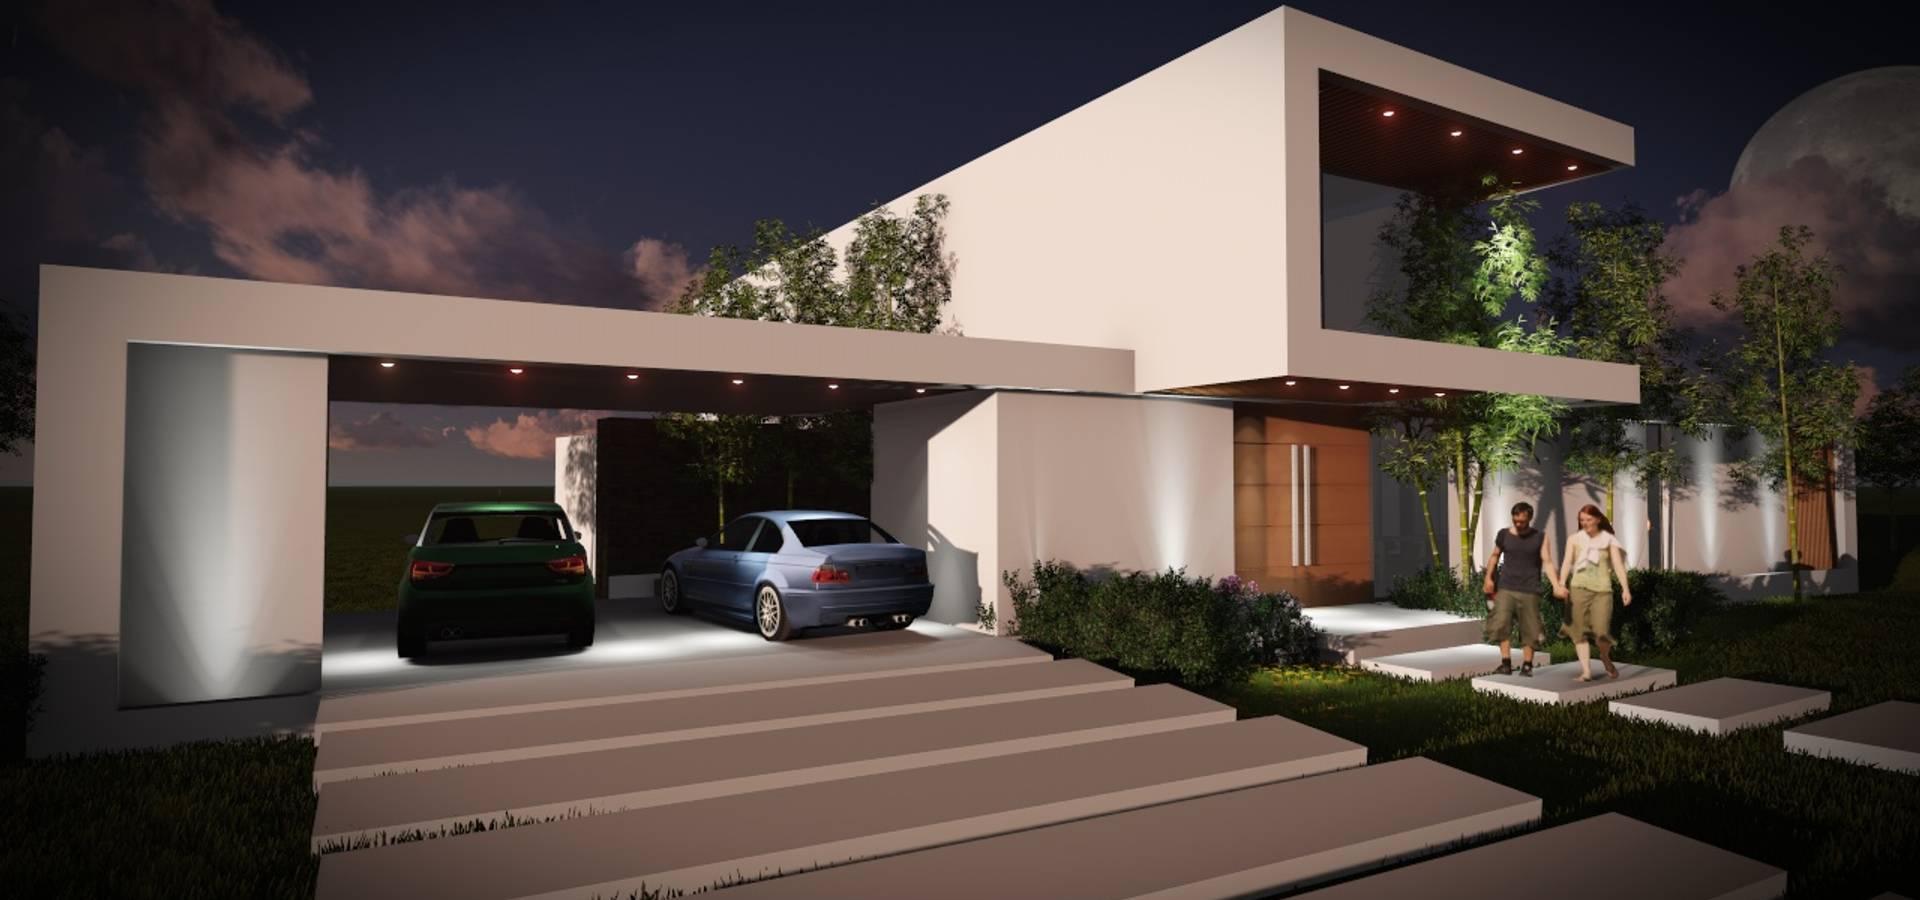 A.CCS estudio de arquitectura